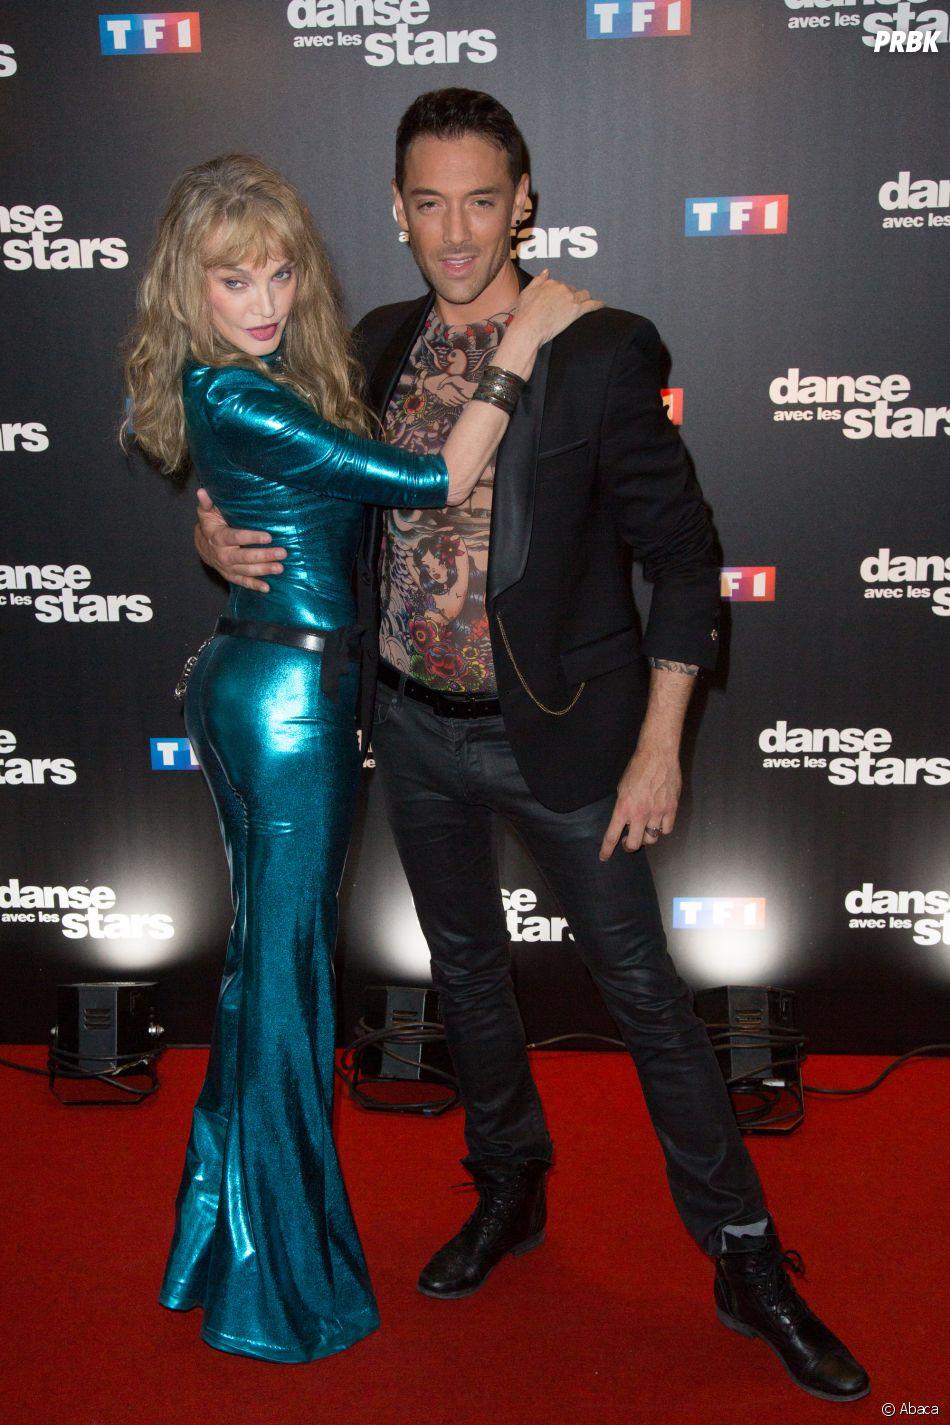 Danse avec les stars 8 : Arielle Dombasle et Maxime Dereymez danseront ensemble !